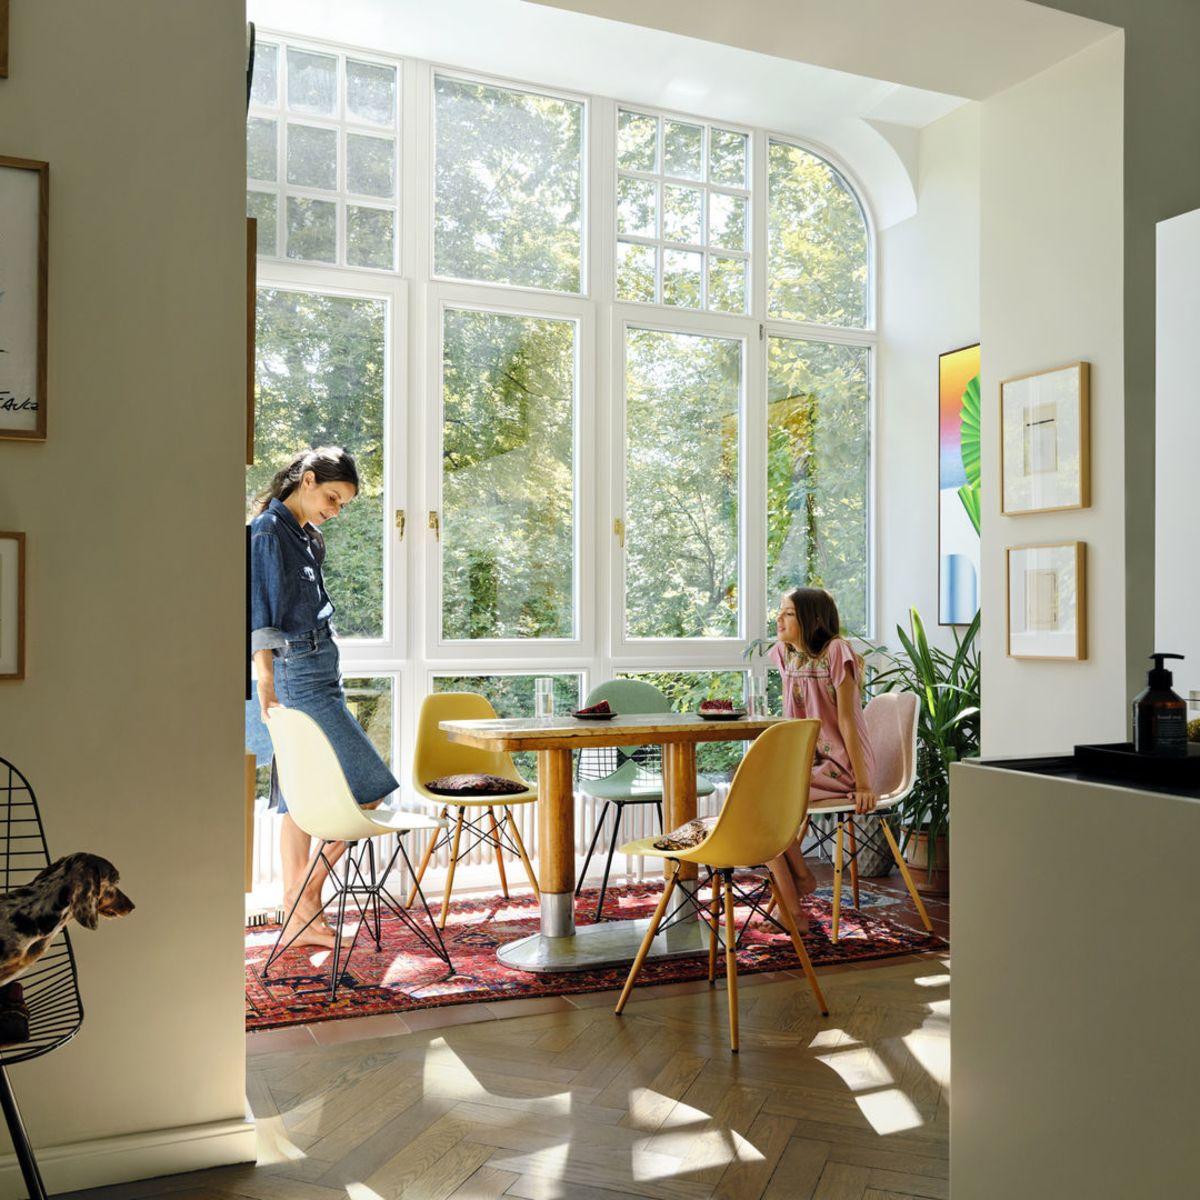 3896126_Eames-Wire-Chair-DKX-Eames-Fiberglass-Chair-DSX-Eames-Fiberglass-Chair-DSR-Eames-Plastic-Chair-DSW_v_fullbleed_1440x